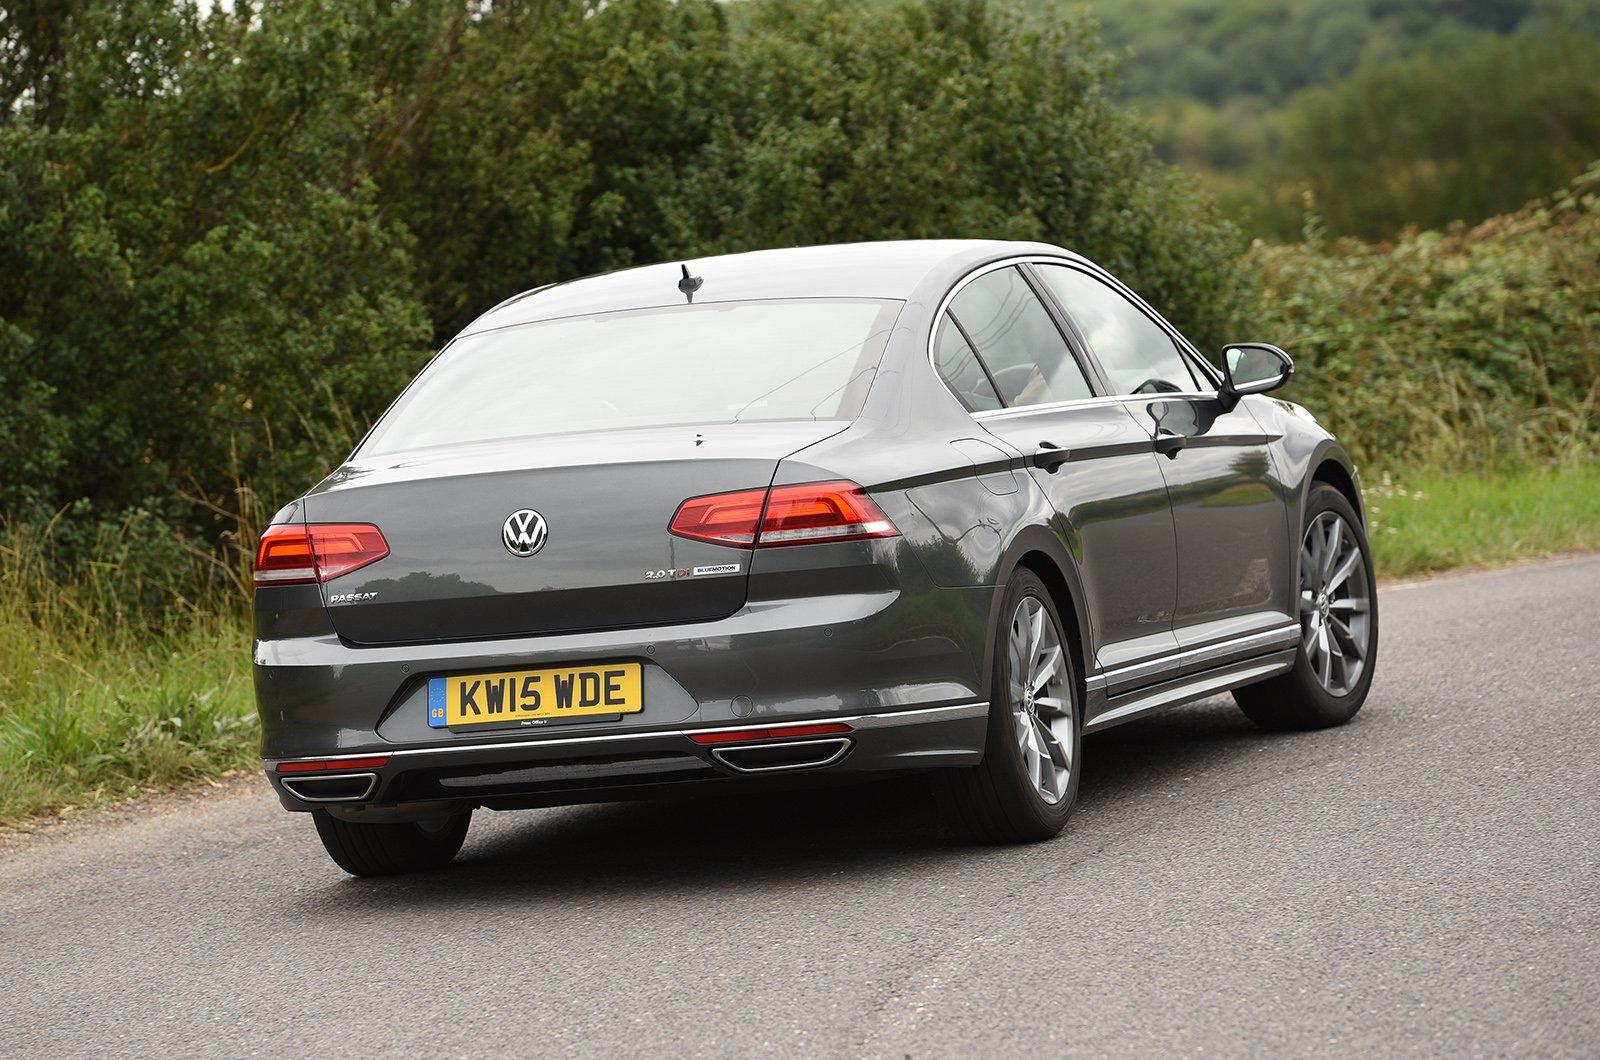 2015 Volkswagen Passat R Line rear 3/4